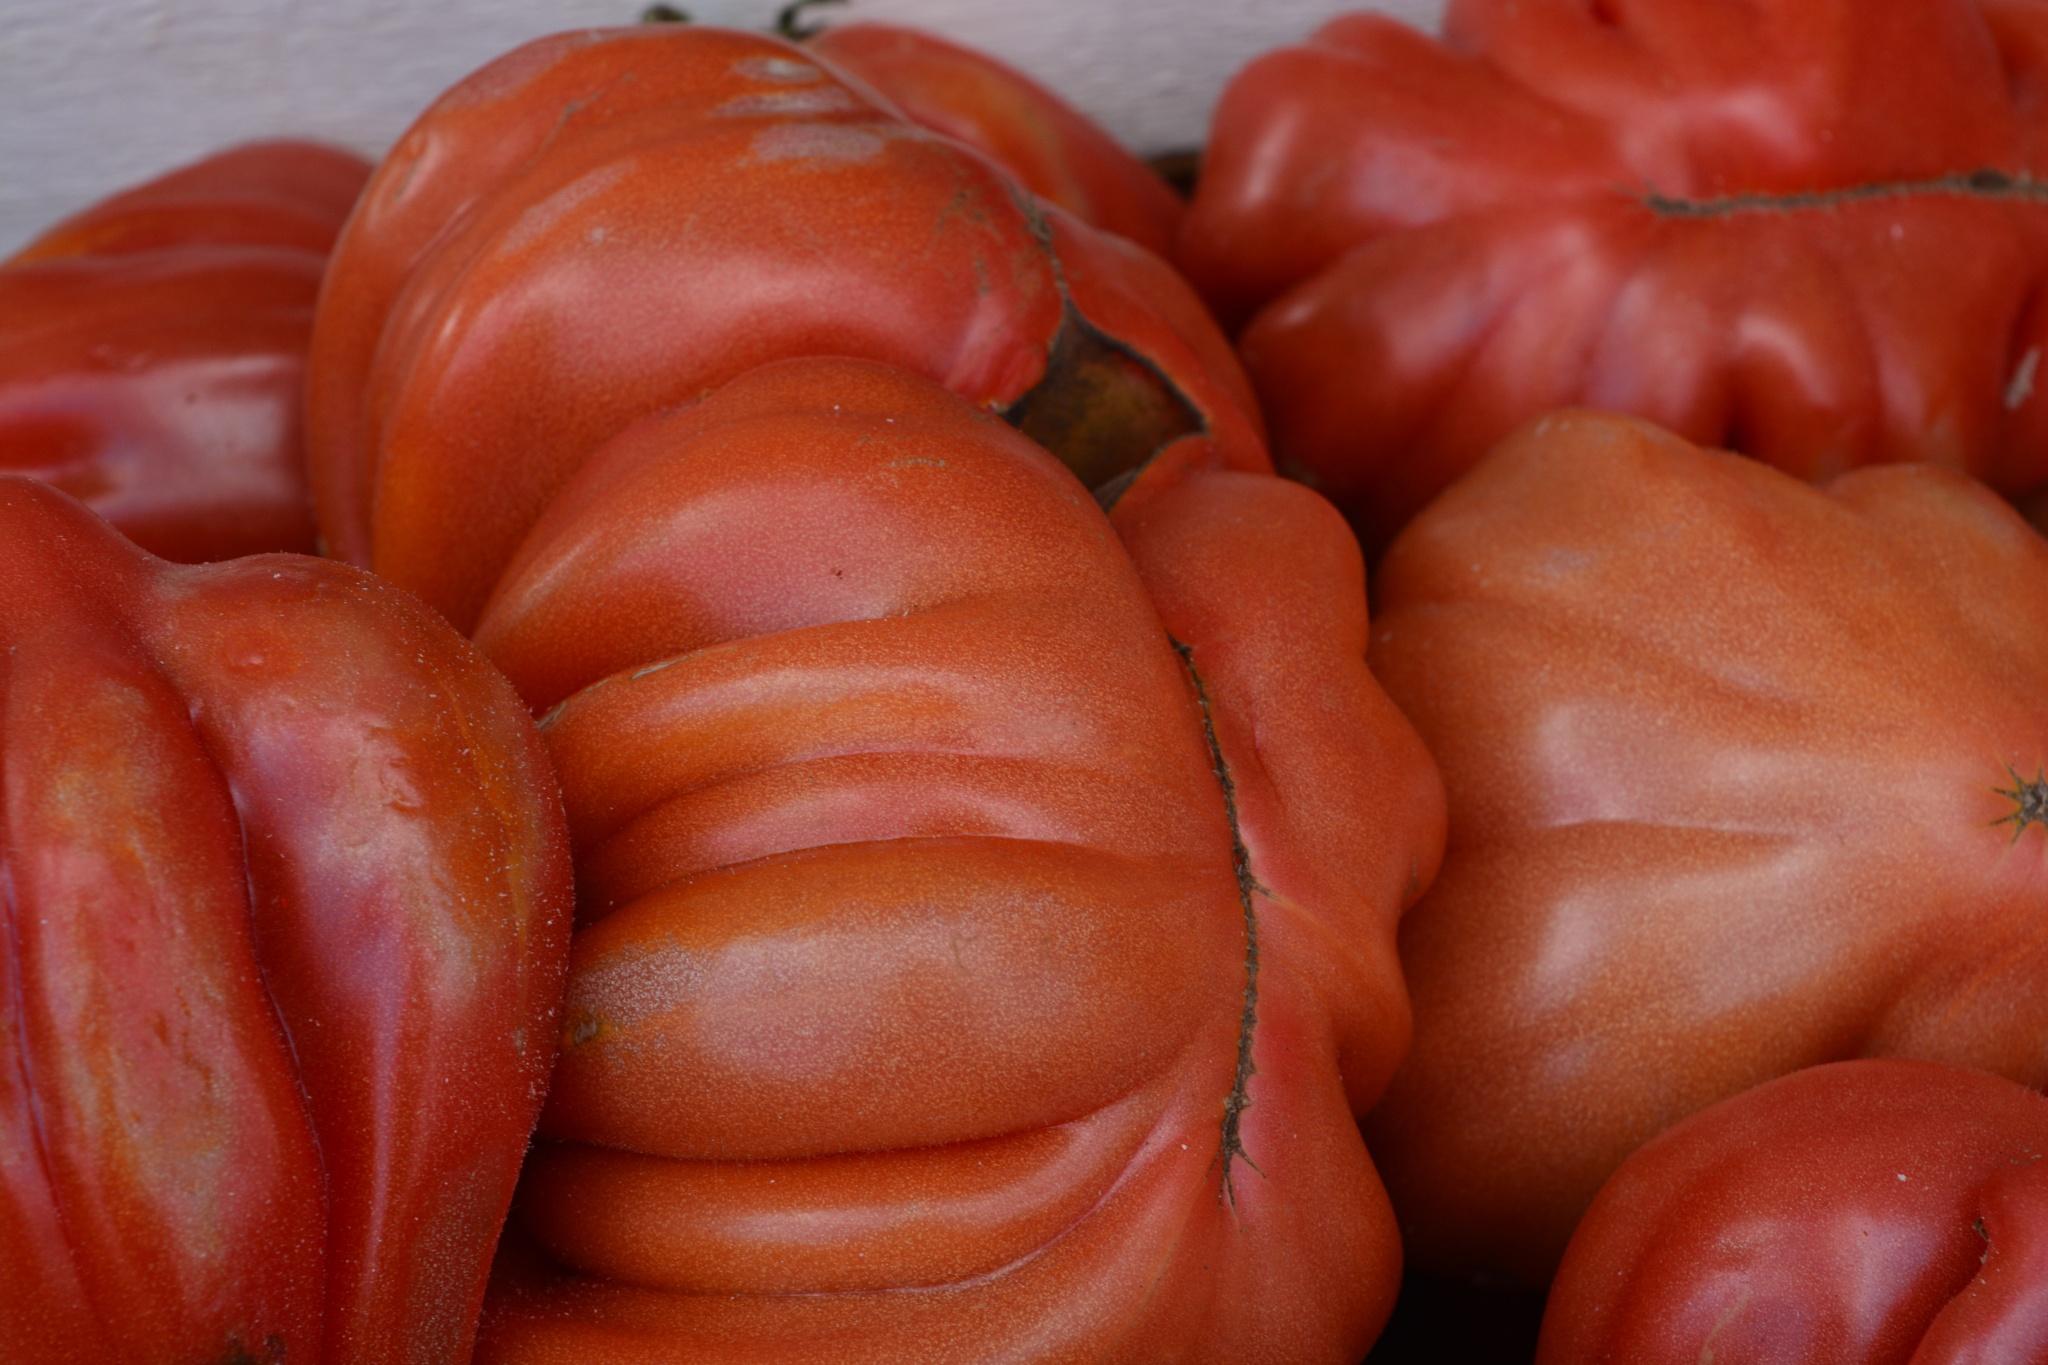 Bio tomatos. by swernthaler